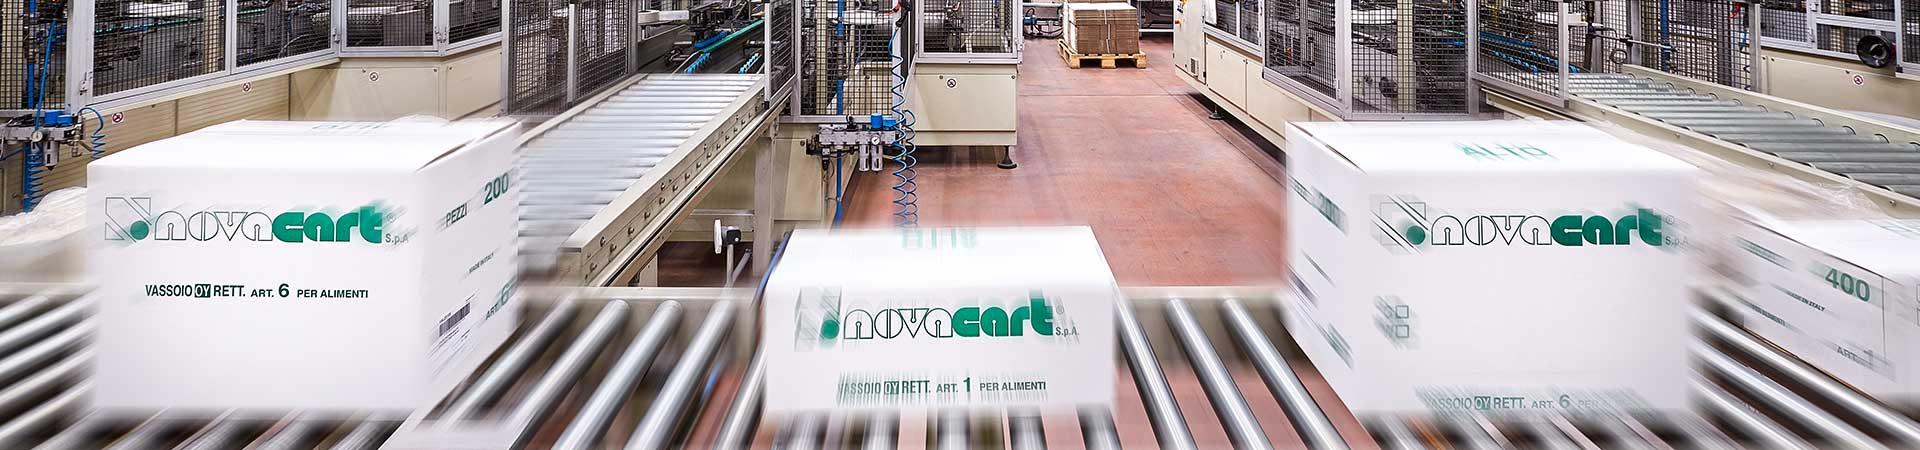 Novacart produzione e storia